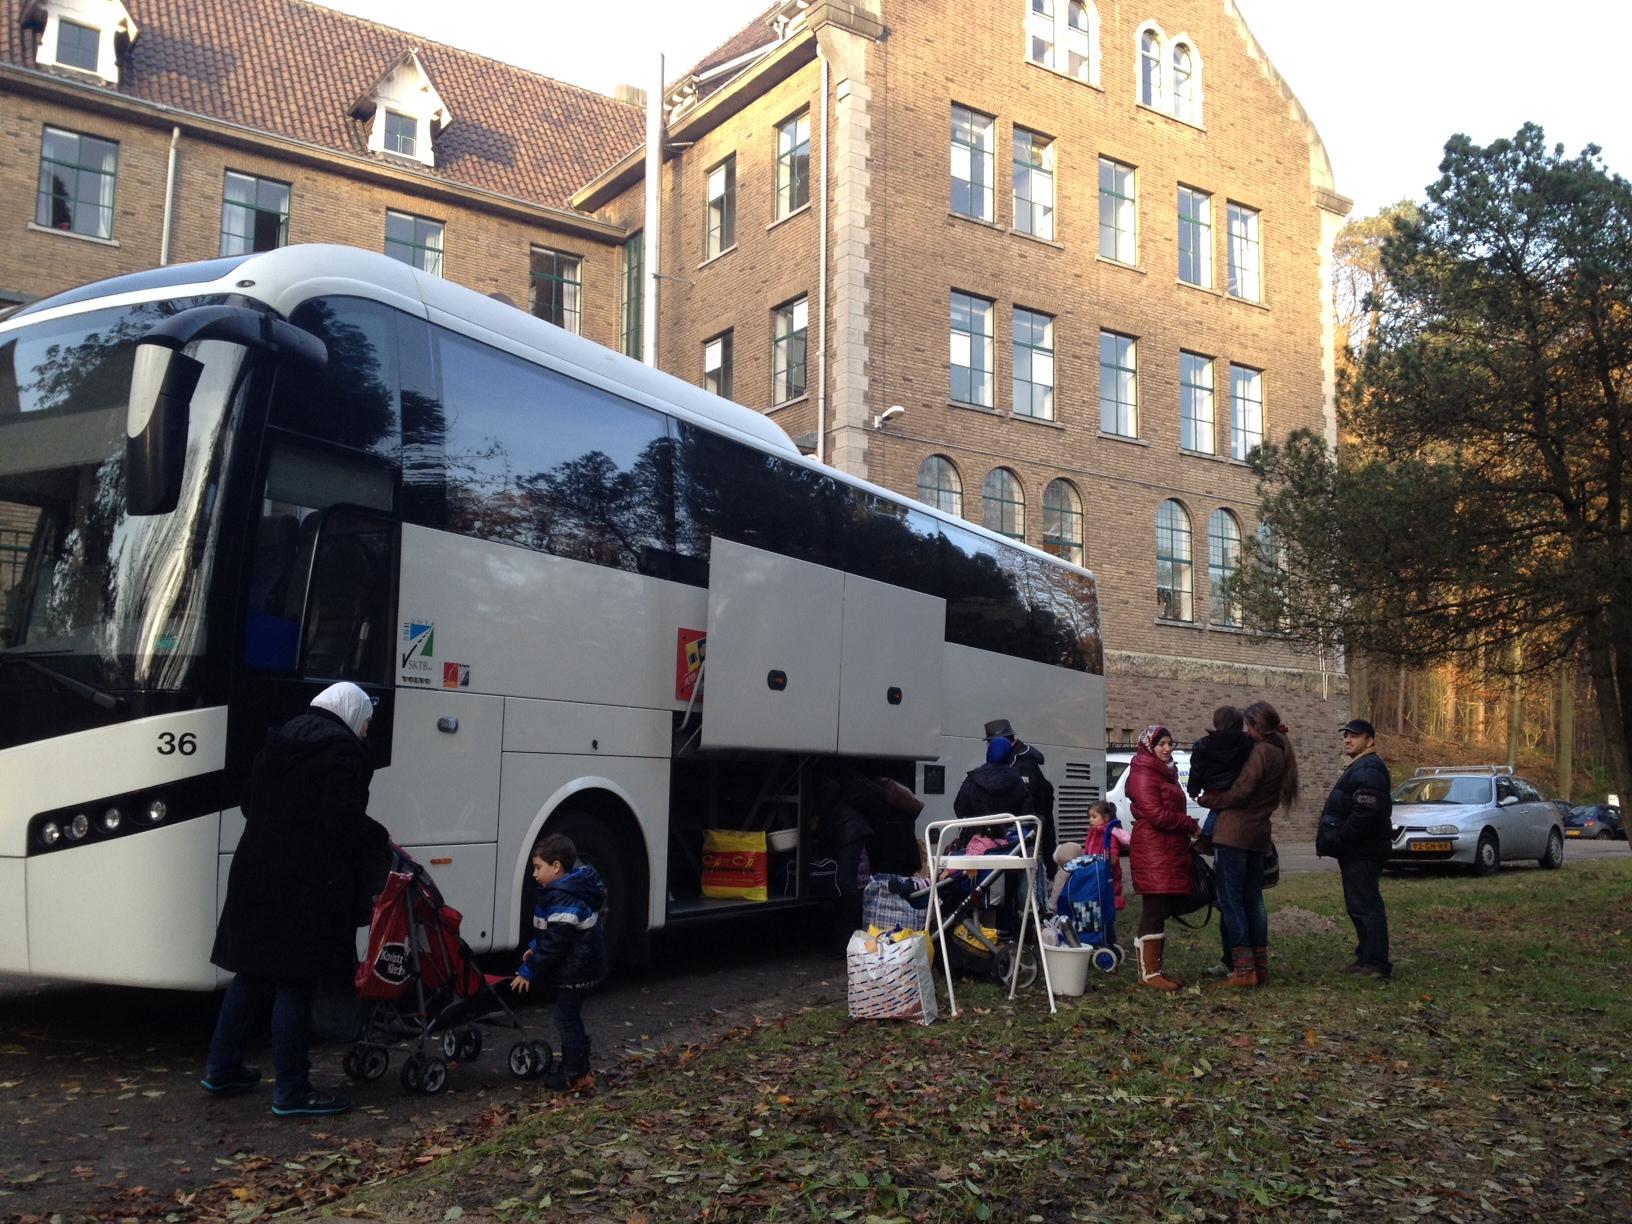 Asielzoekers aangekomen in Sweikhuizen - L1 Radio en TV